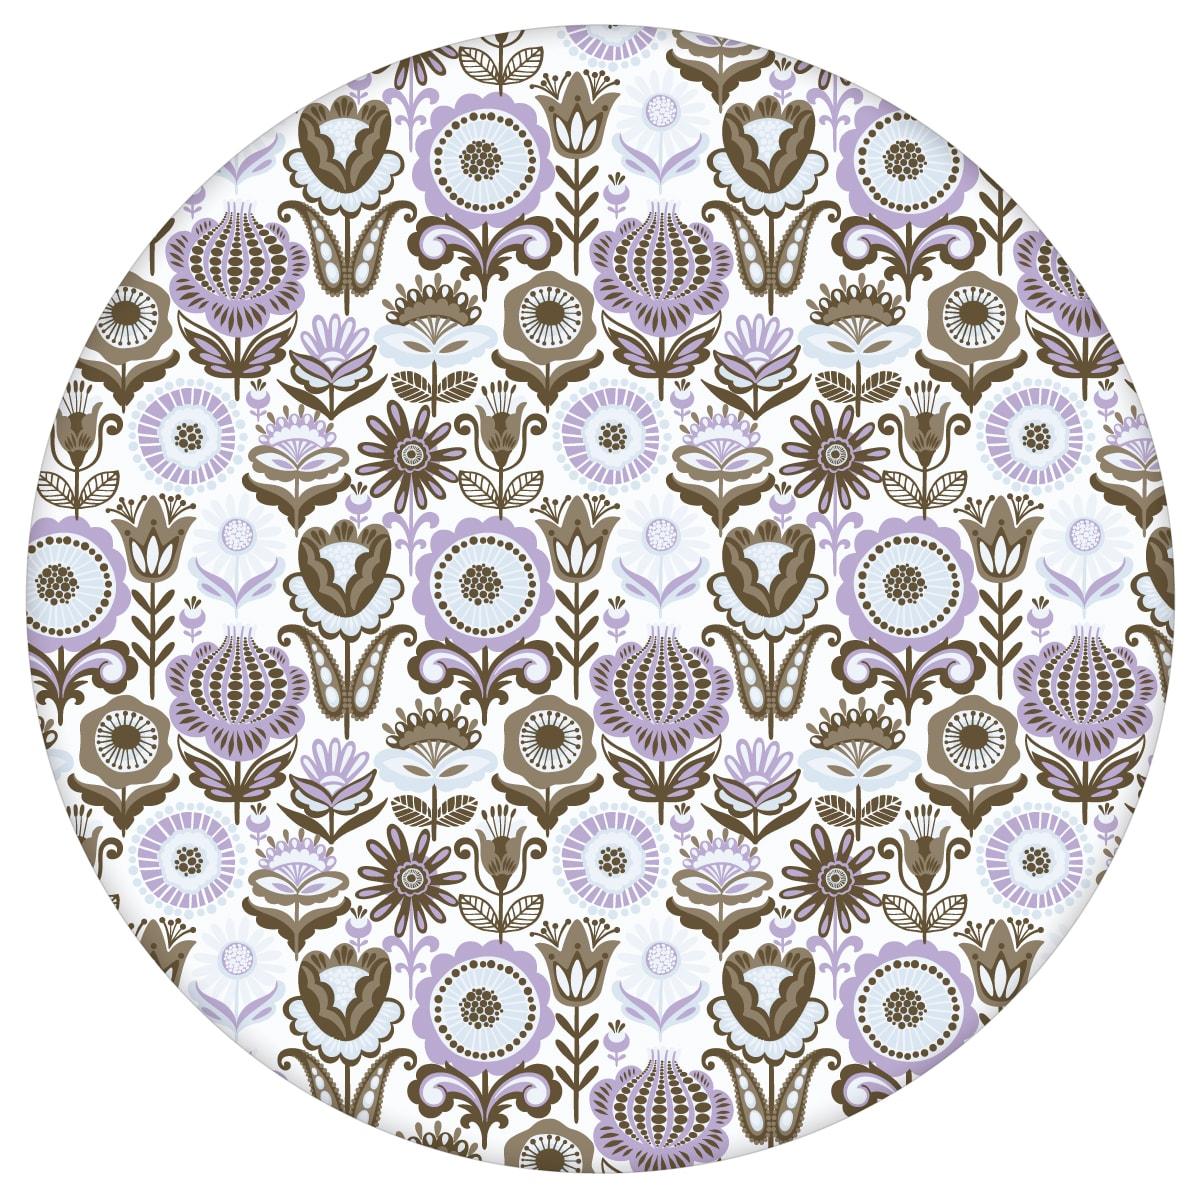 """Lila Nostalgie Blüten Tapet """"Fiore della nostalgia"""", flieder Vliestapete für Wohnzimmeraus dem GMM-BERLIN.com Sortiment: lila Tapete zur Raumgestaltung: #00131 #blueten #blumen #Blumentapete #flieder #Folklore #Nostalgie #Violette Tapeten #Wohnzimmer für individuelles Interiordesign"""